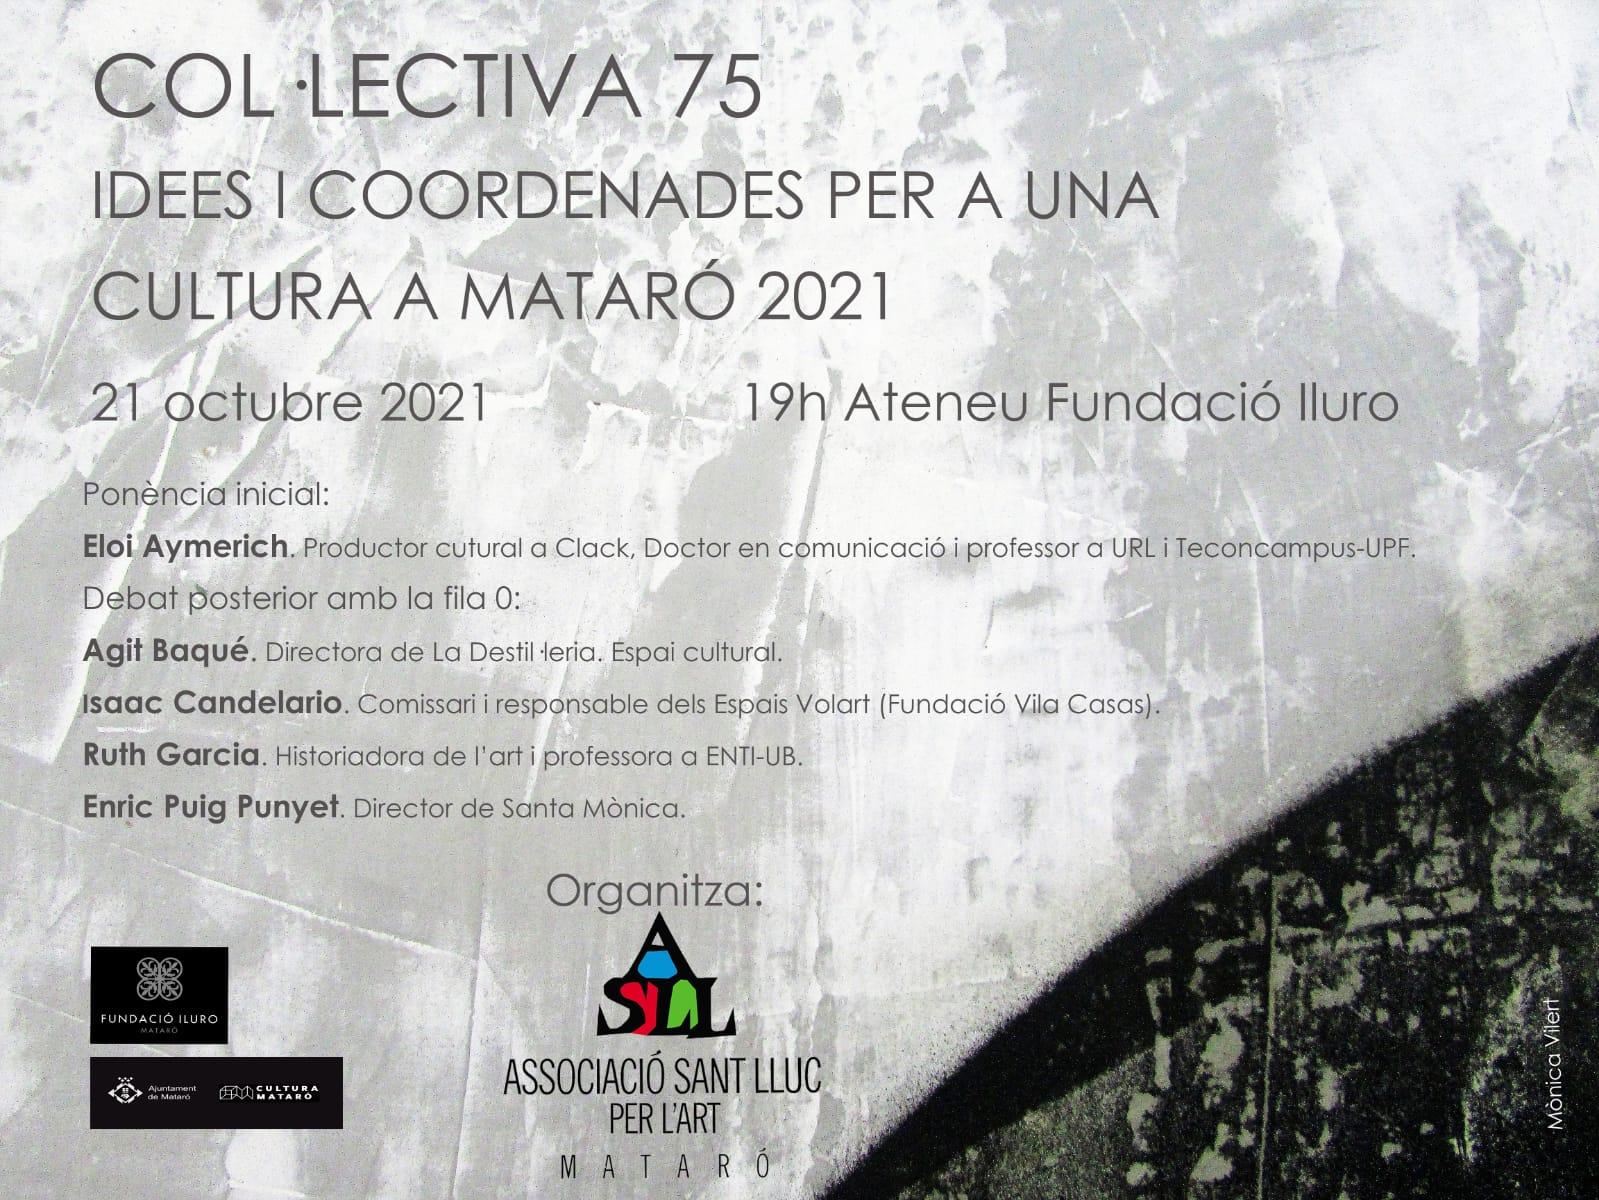 COL·LECTIVA 75: IDEES I COORDENADES PER A UNA CULTURA A MATARÓ